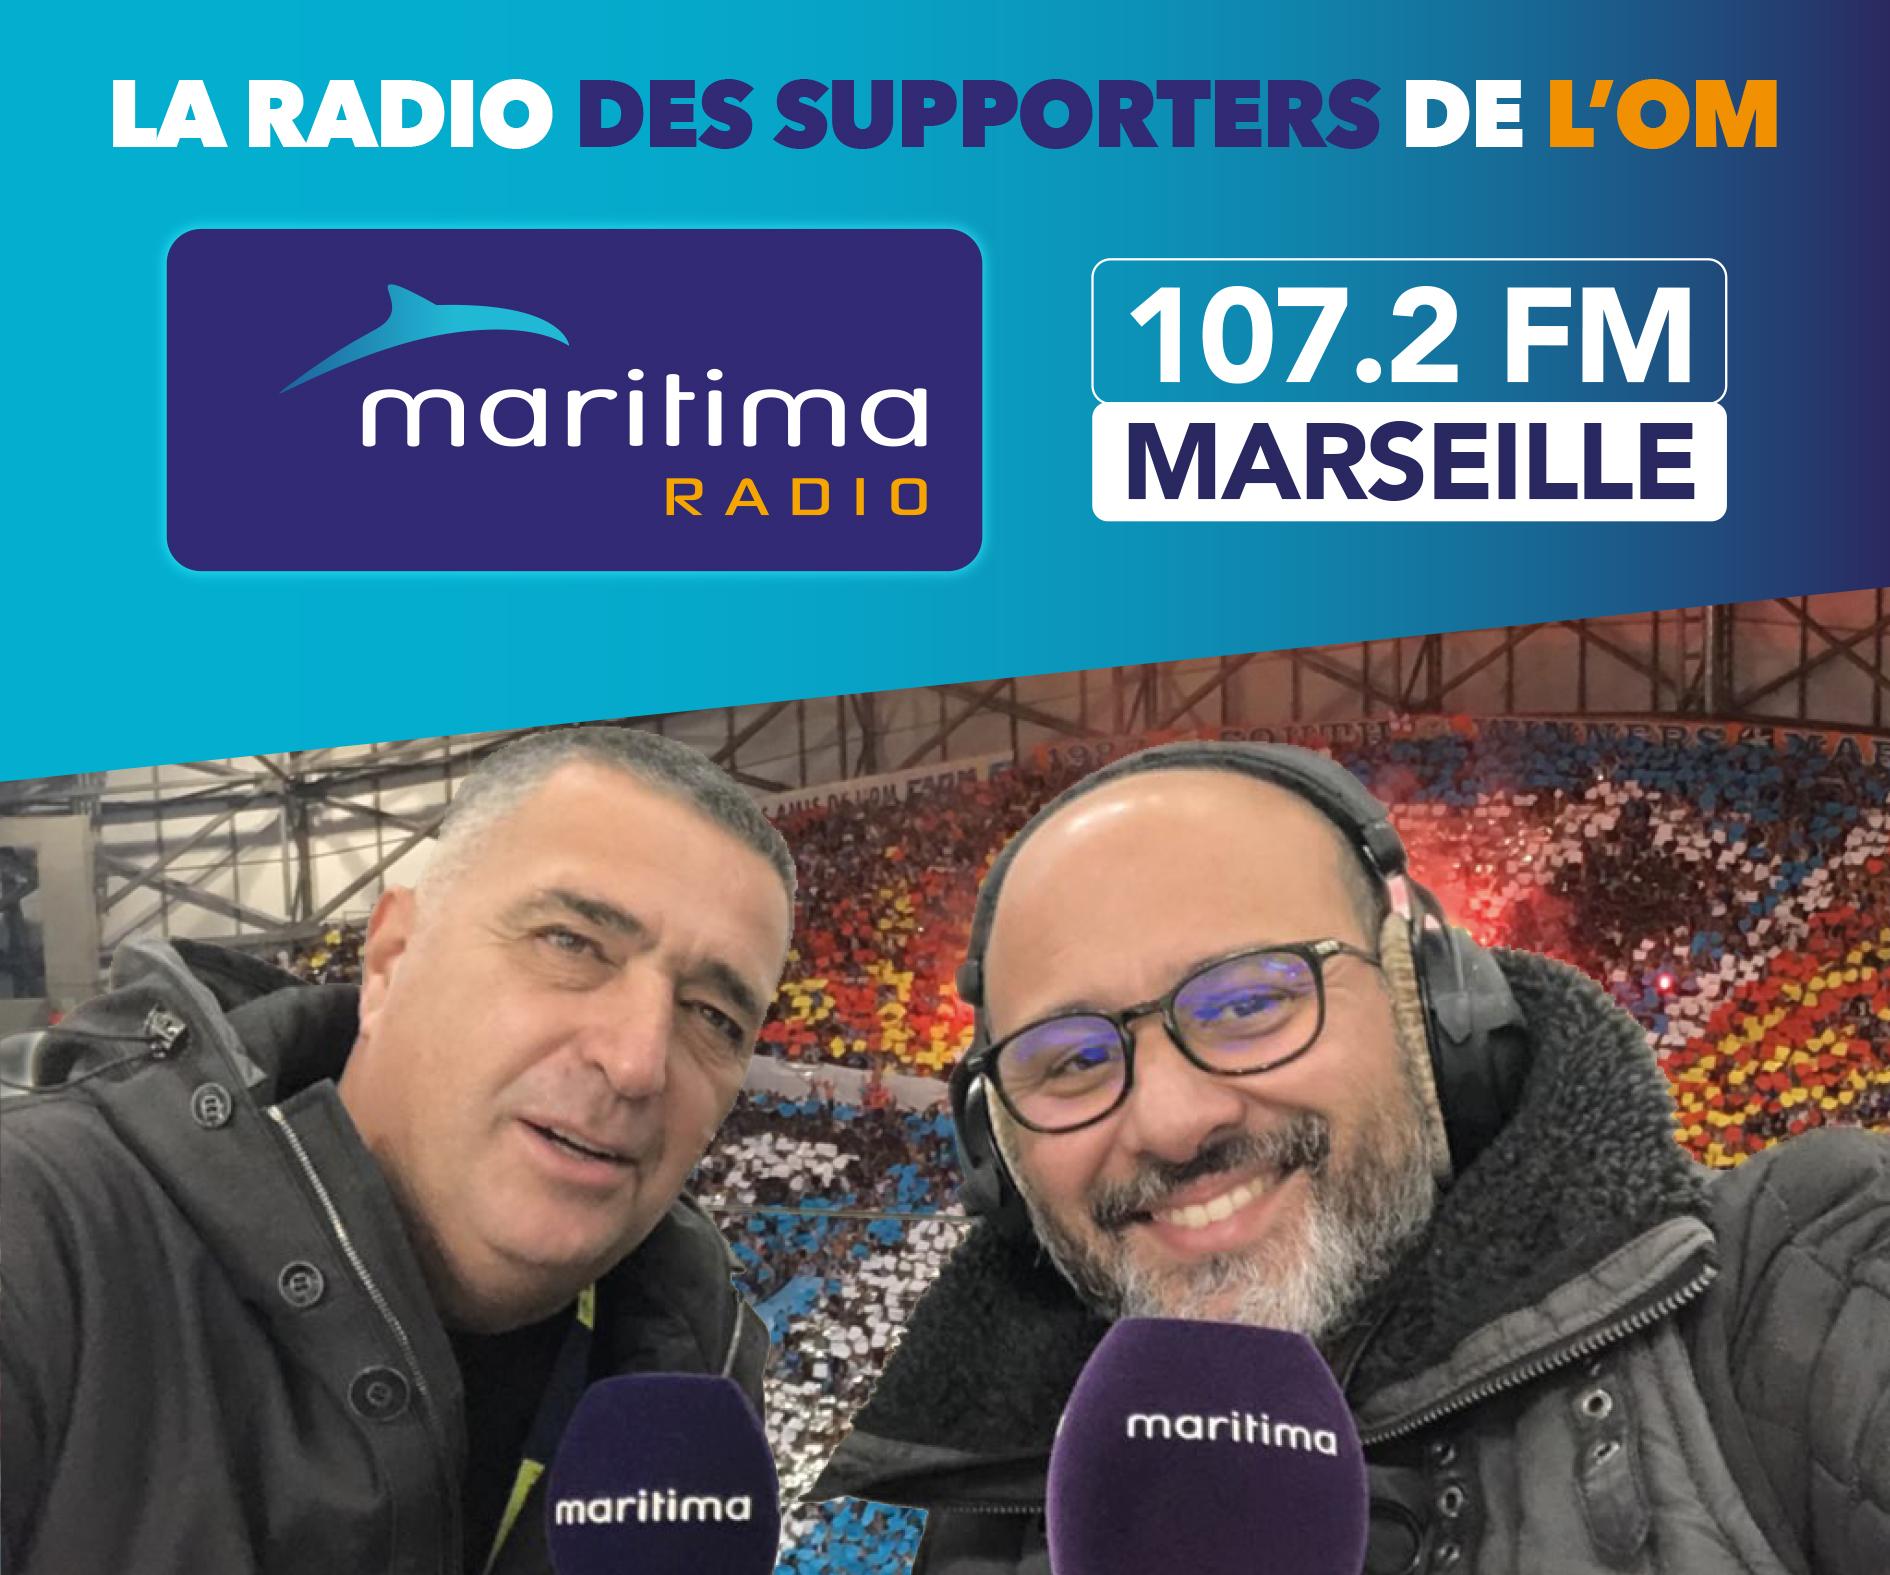 Maritima Info - La radio des supporters de l'OM